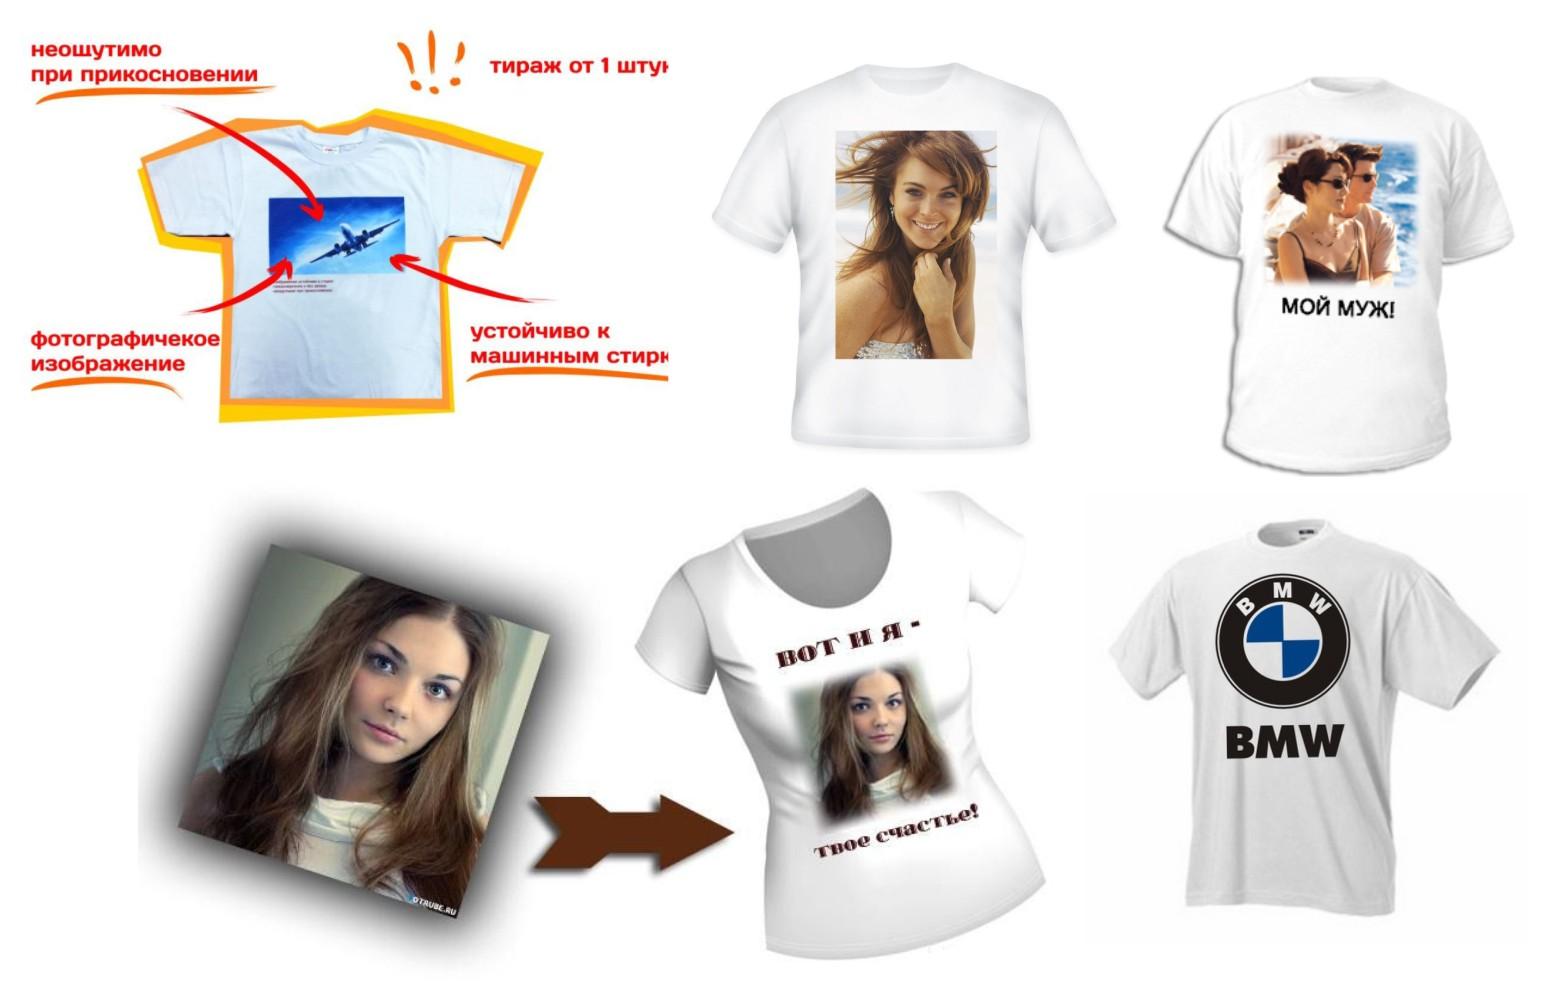 Перенести фото футболку домашних условиях